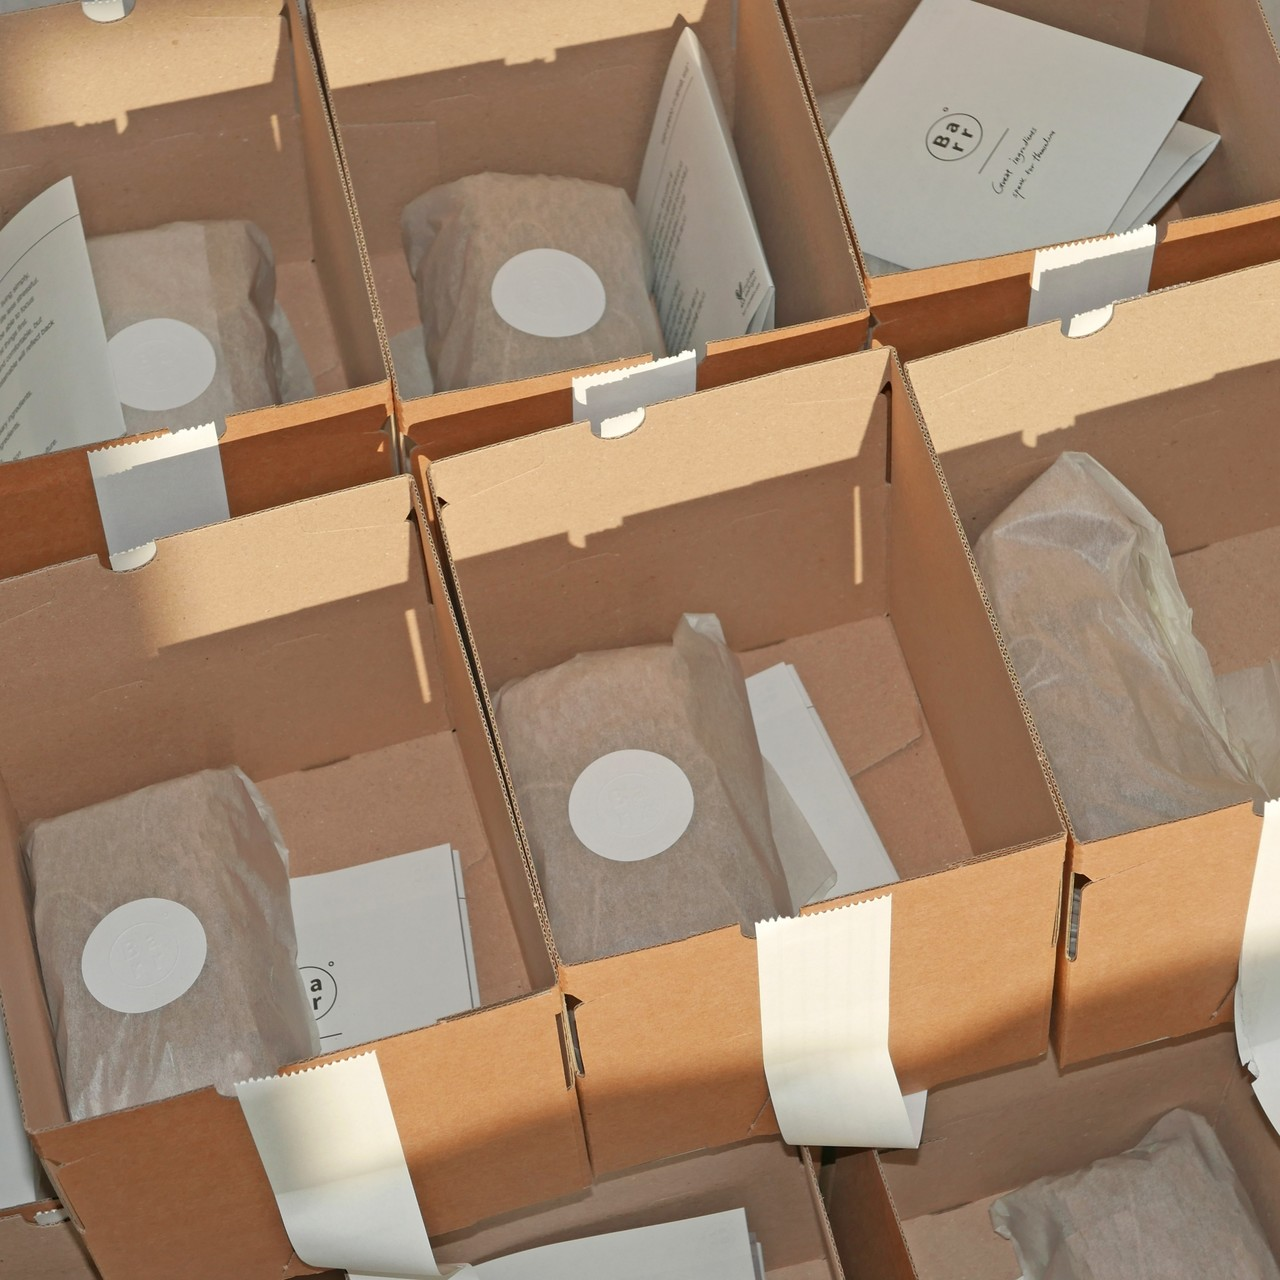 테이프 없는 박스